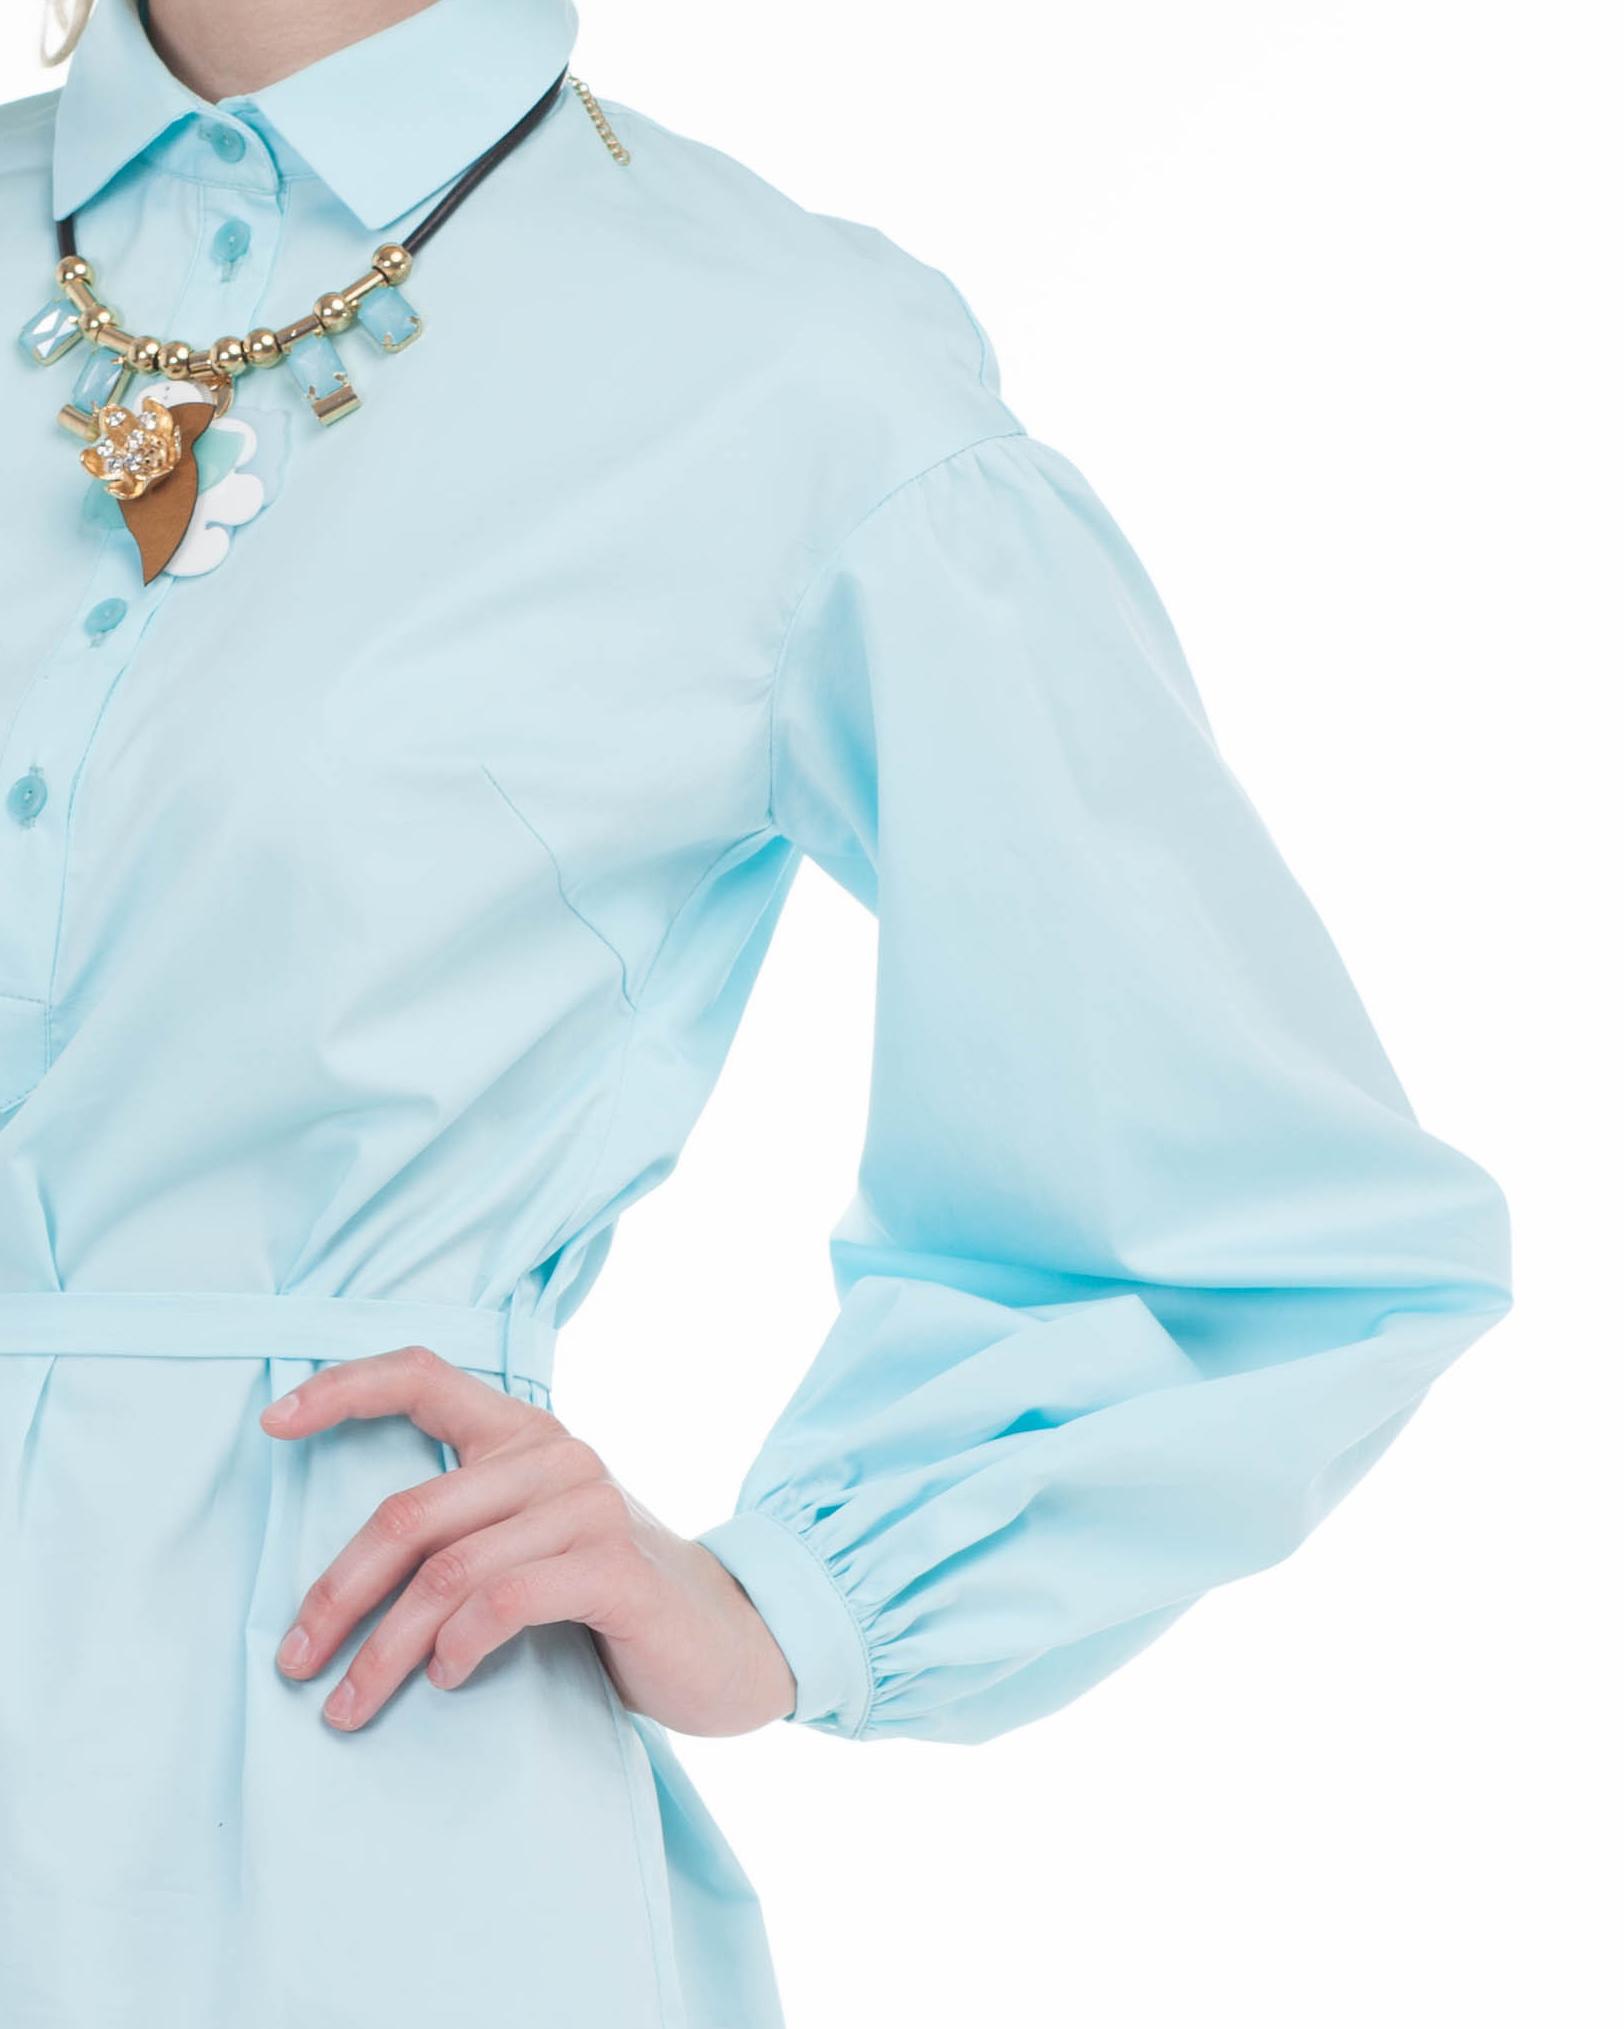 Купить Блузку Мятного Цвета В Интернет Магазине 1001 Дресс